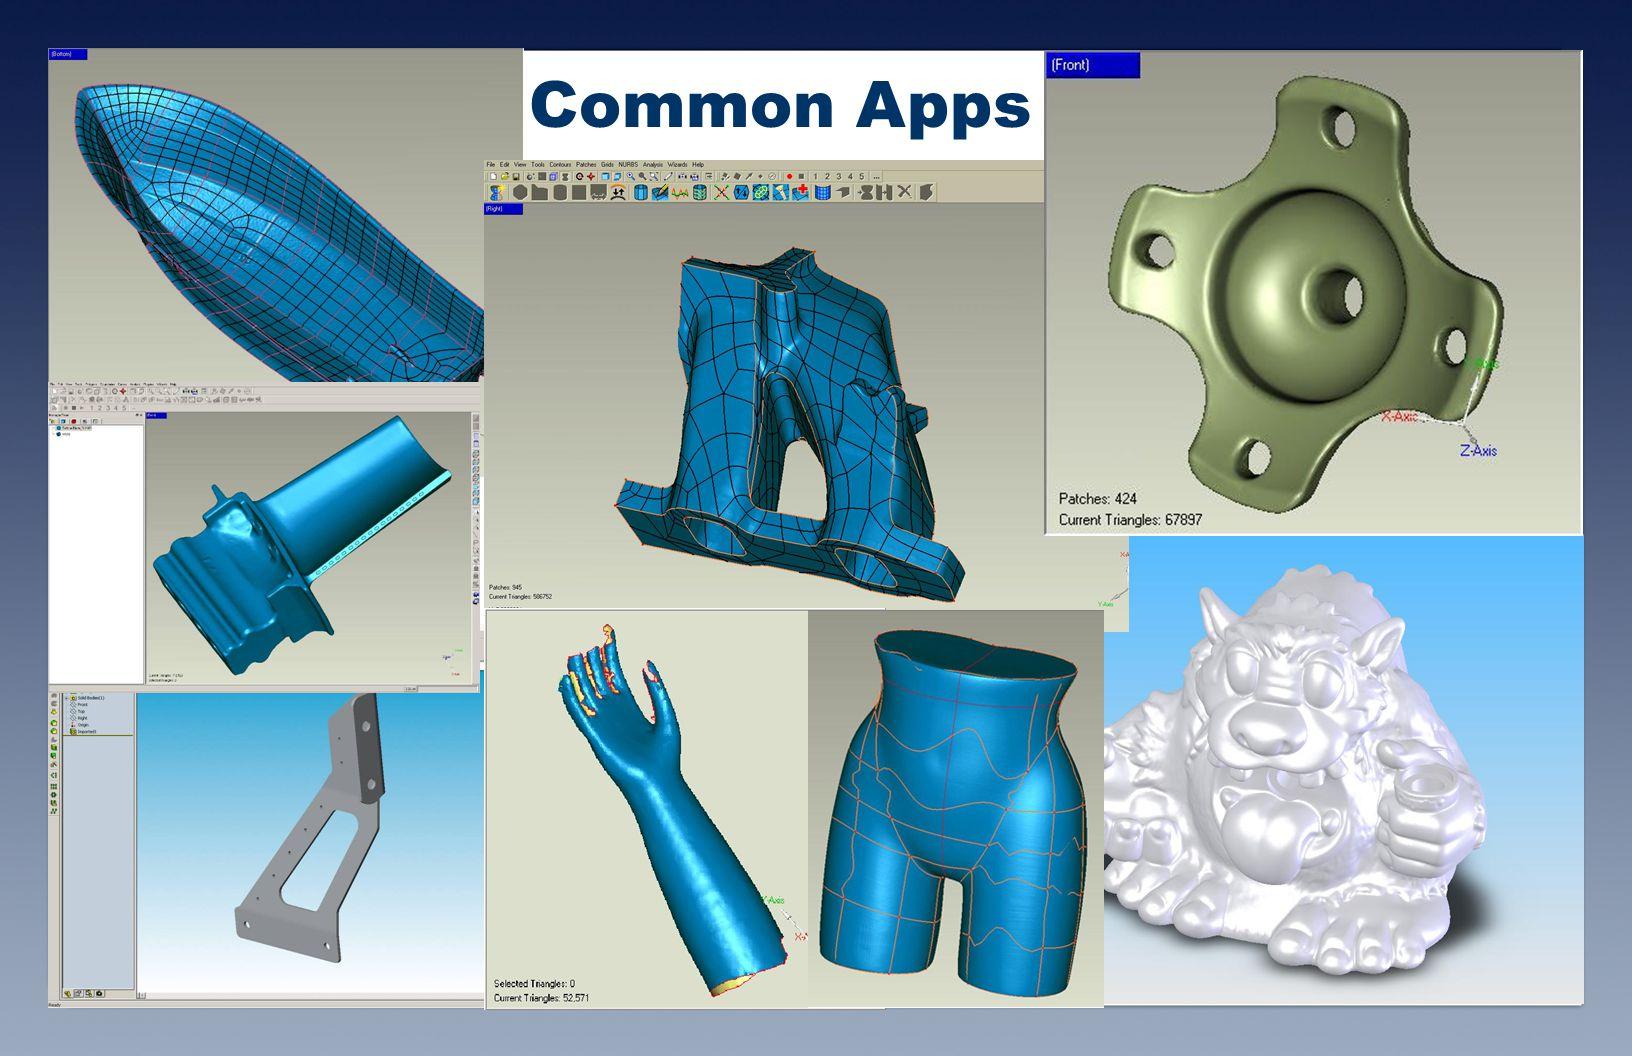 Common Apps